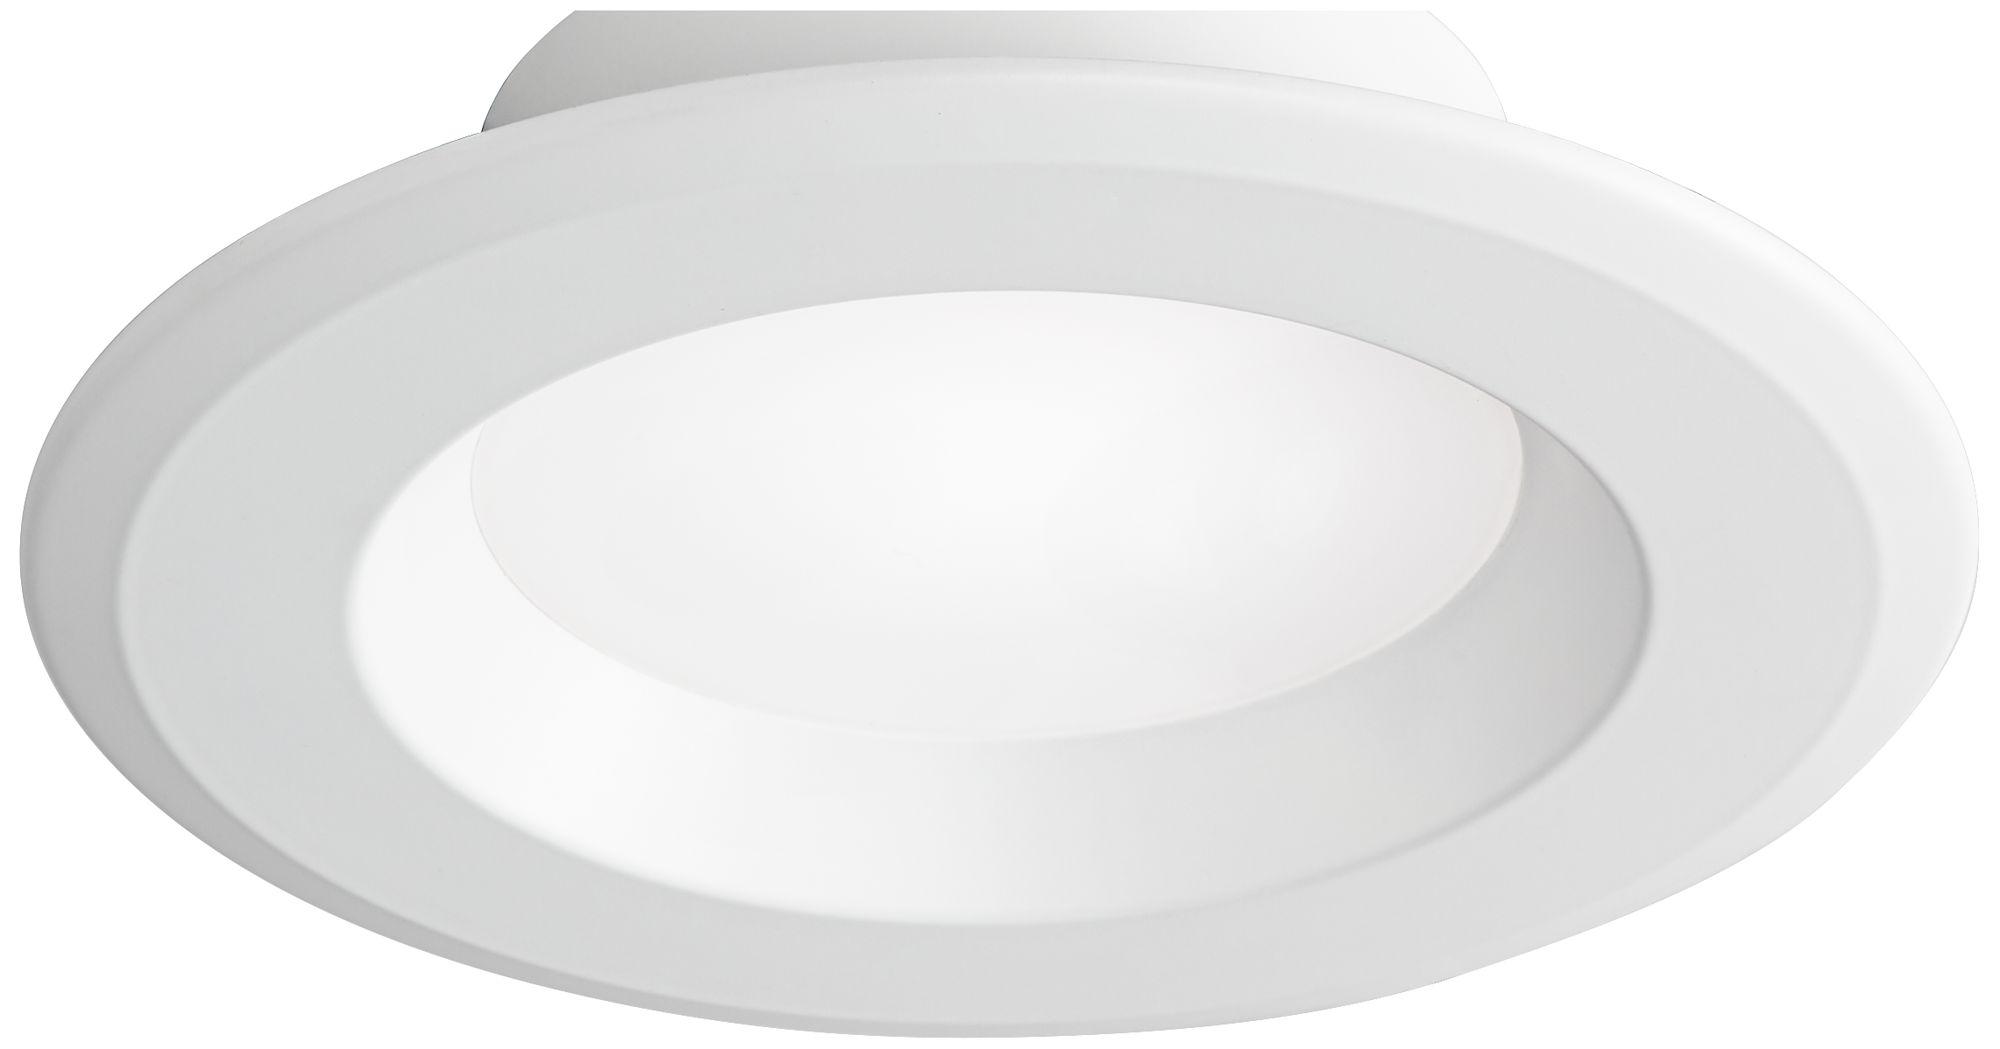 5/6  White 15 Watt Dimmable LED Retrofit Trim  sc 1 st  L&s Plus & Tesler Recessed Lighting | Lamps Plus azcodes.com